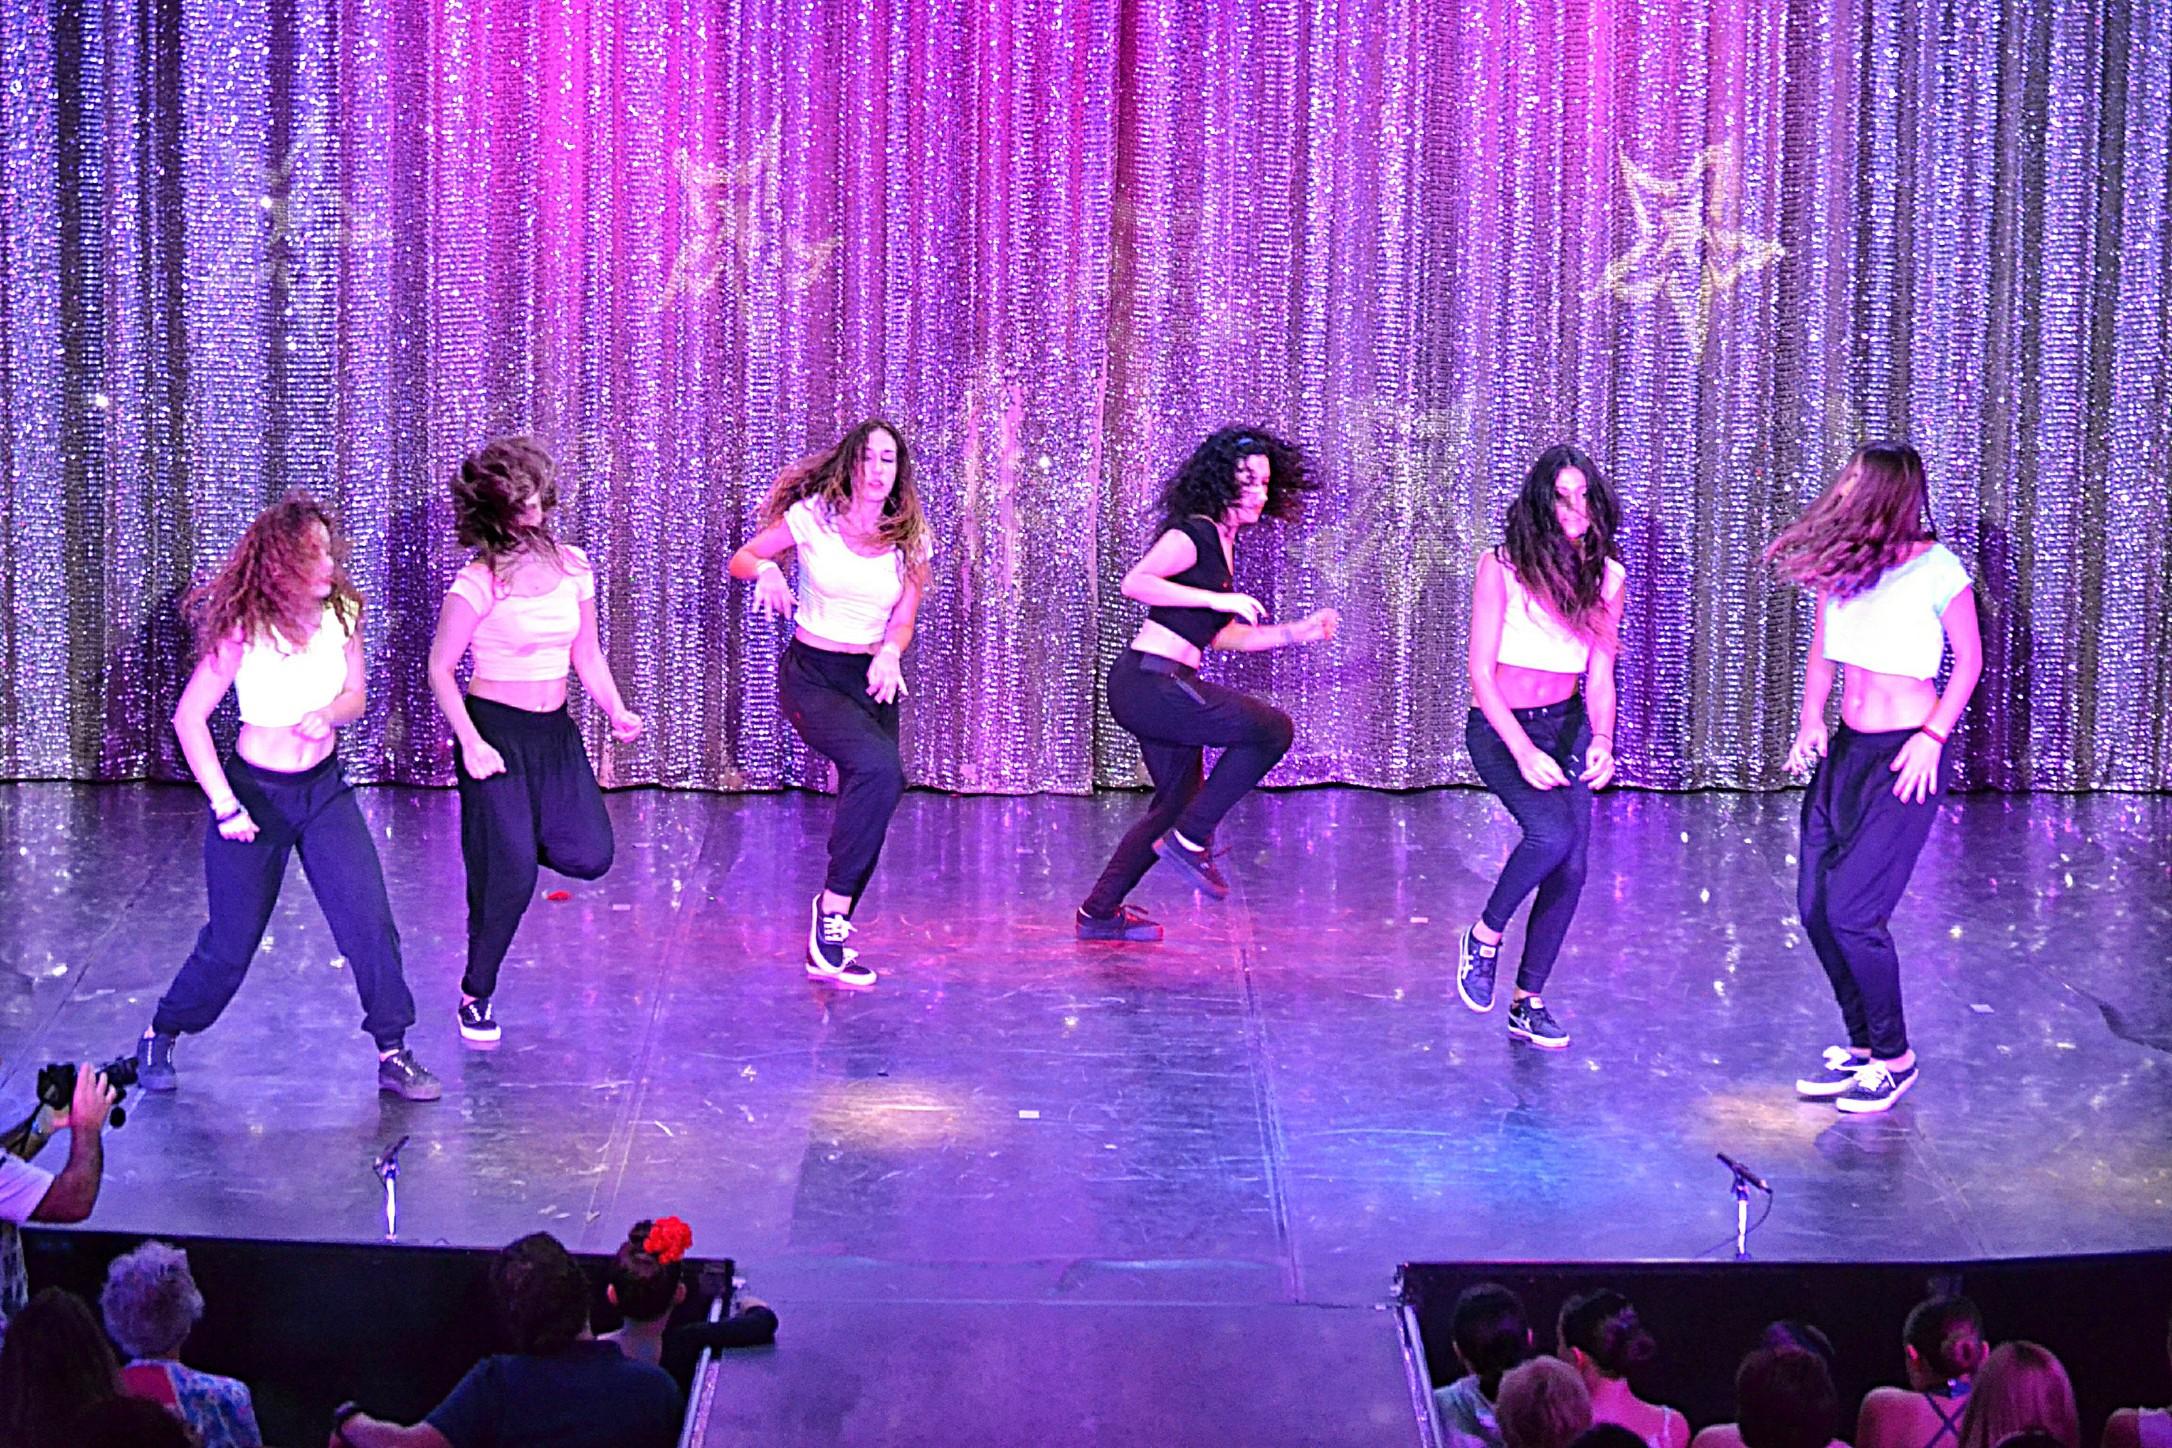 Linea-de-Baile-festival-verano-2015-clases-de-baile-valencia-119